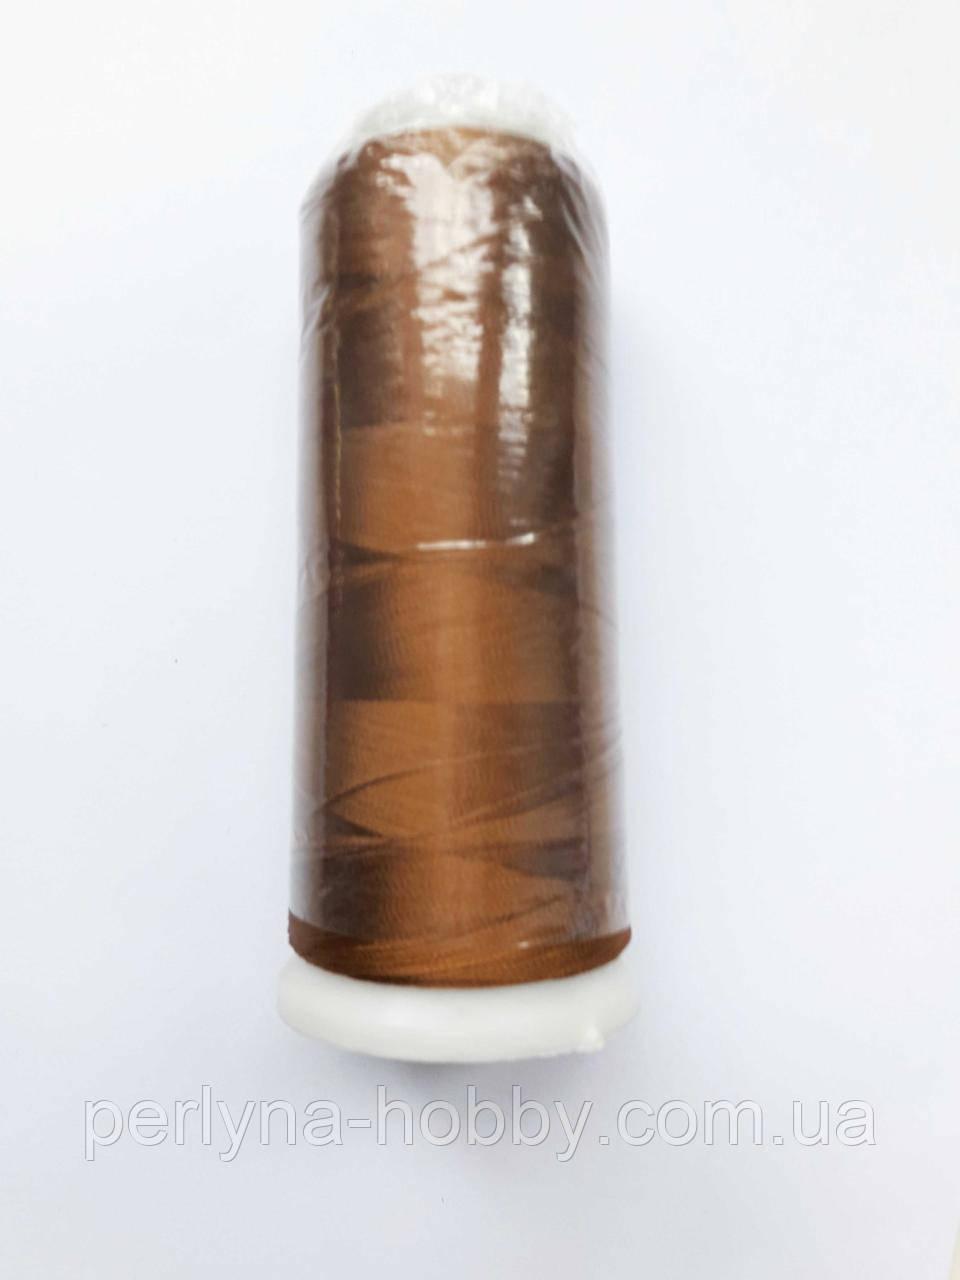 Нитки для машинной вышивки 100% вискоза (100% rayon) 3000 ярд, № 423, світло-коричнева з золотистим відтінком